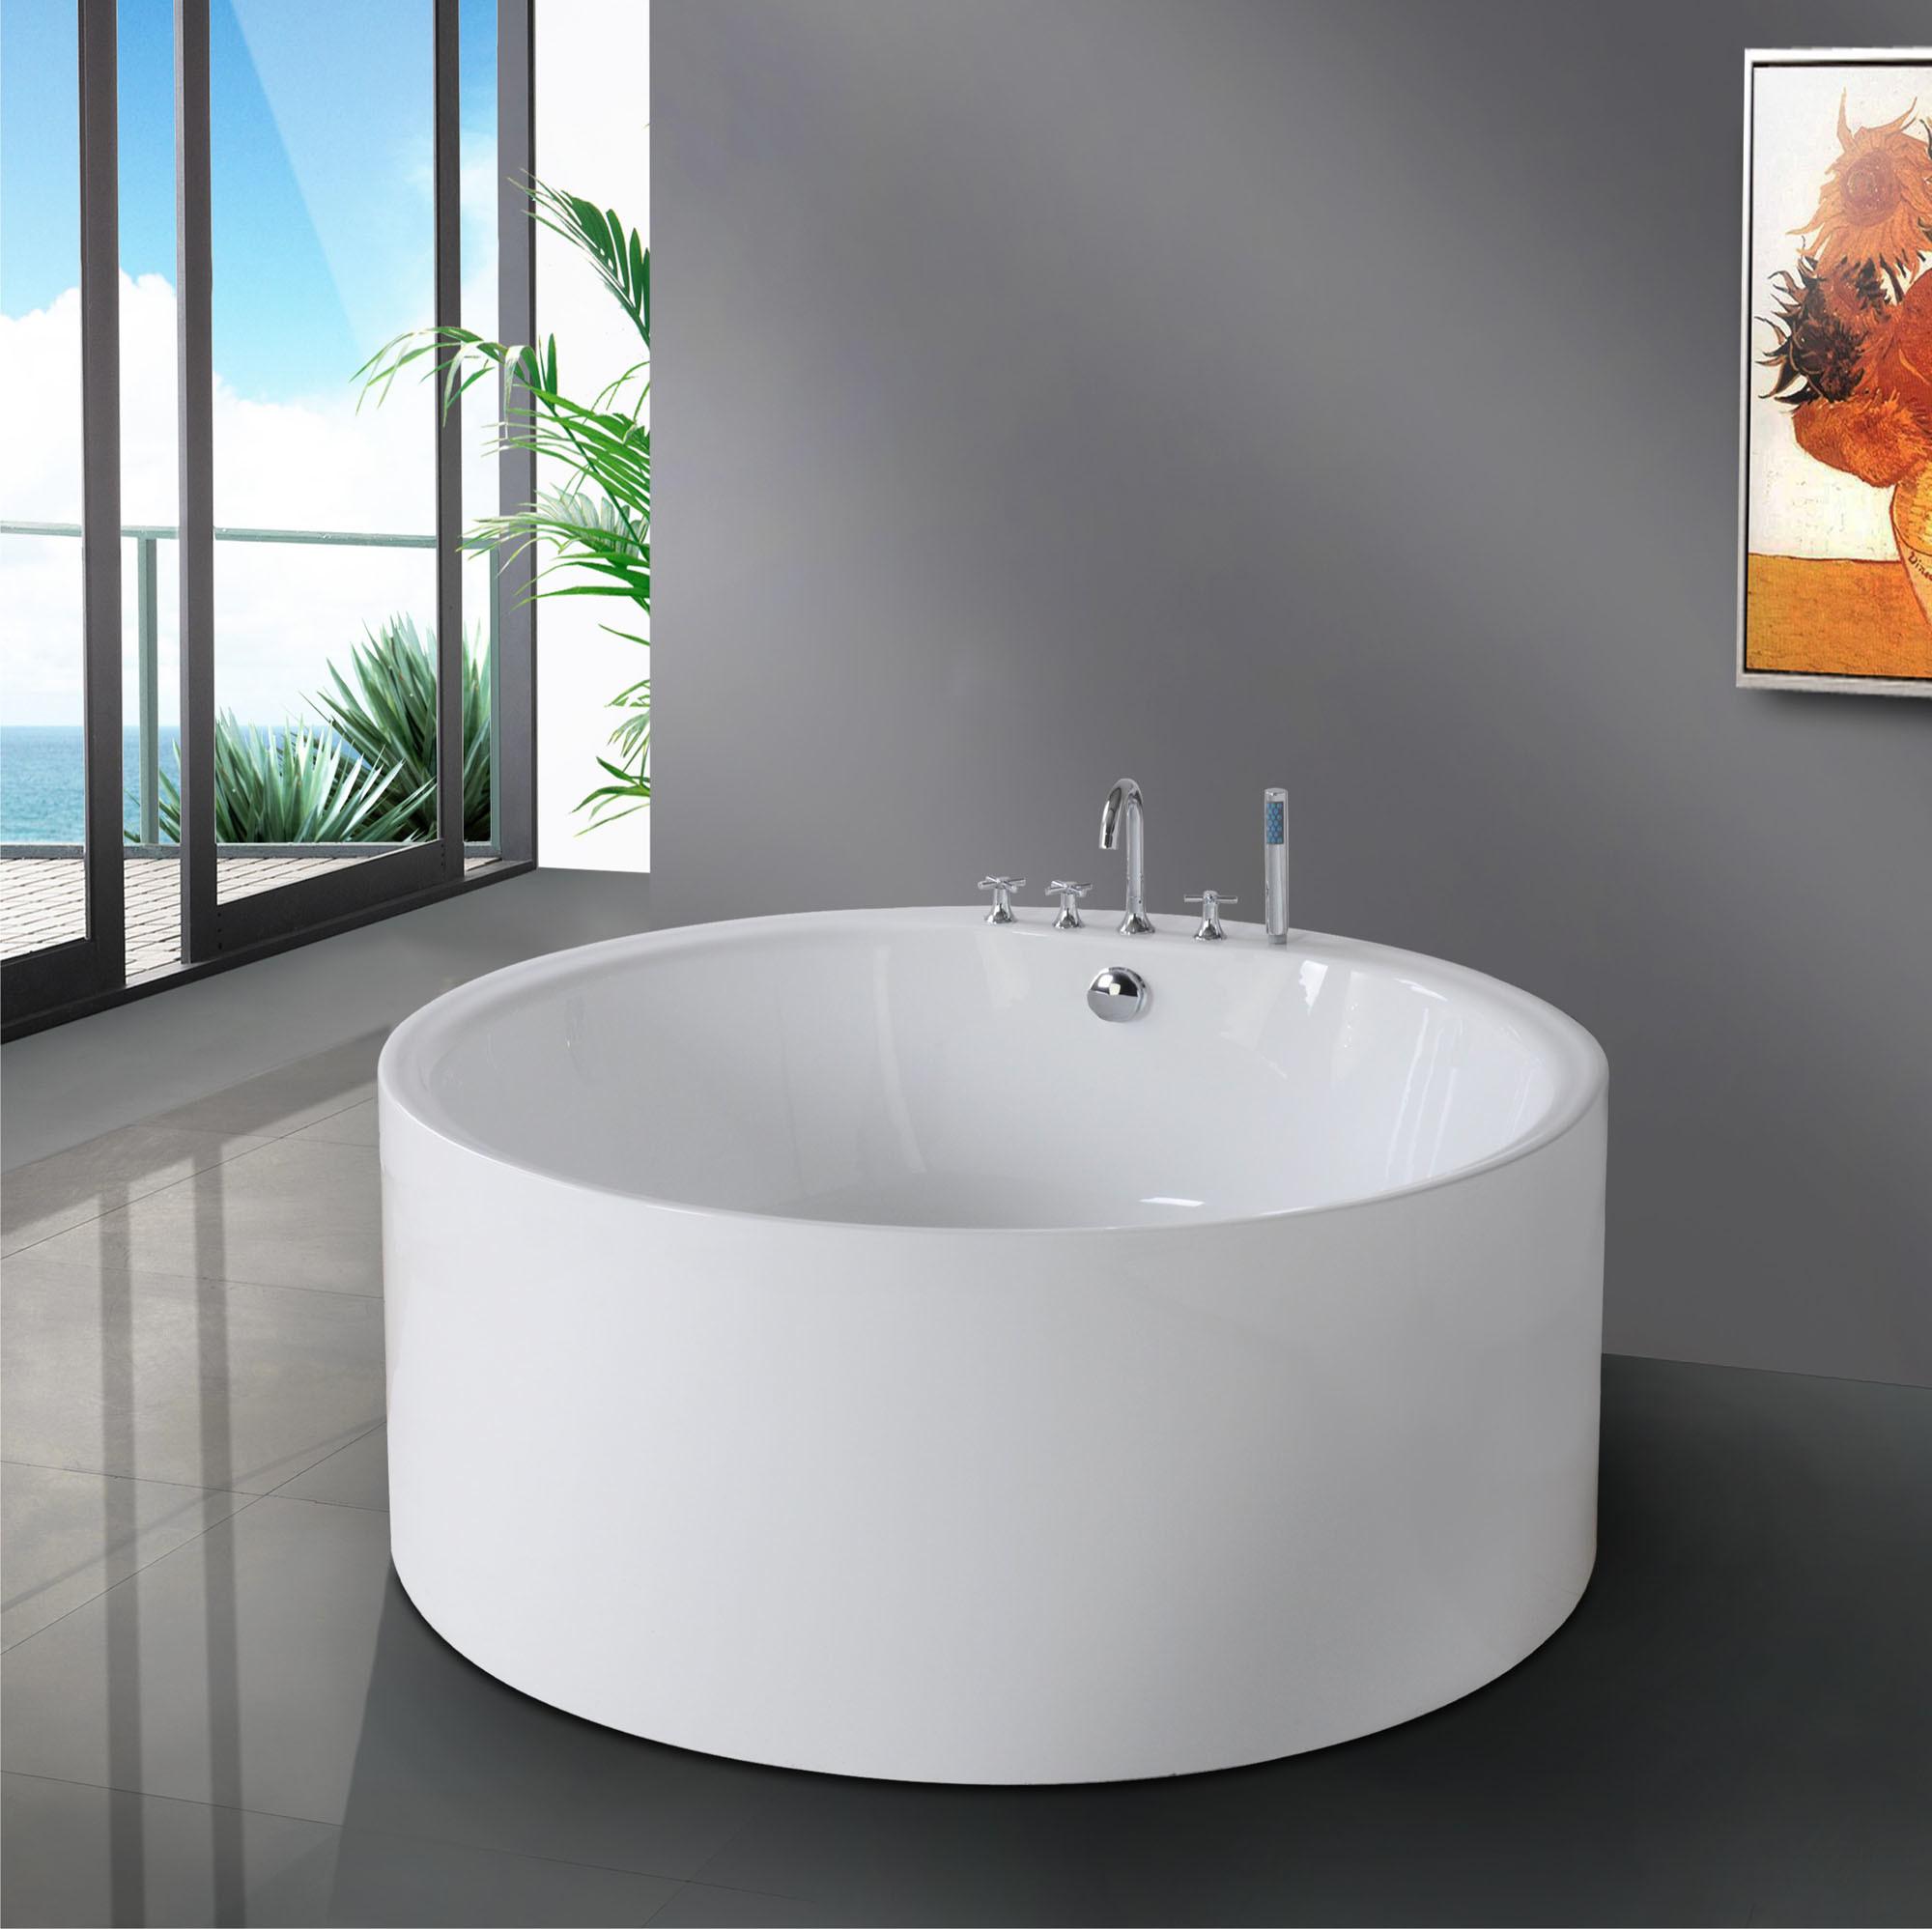 Vasca doccia rotonda vasche idromassaggio da bagno sopravasca angolare completo - Vasca da bagno rotonda ...